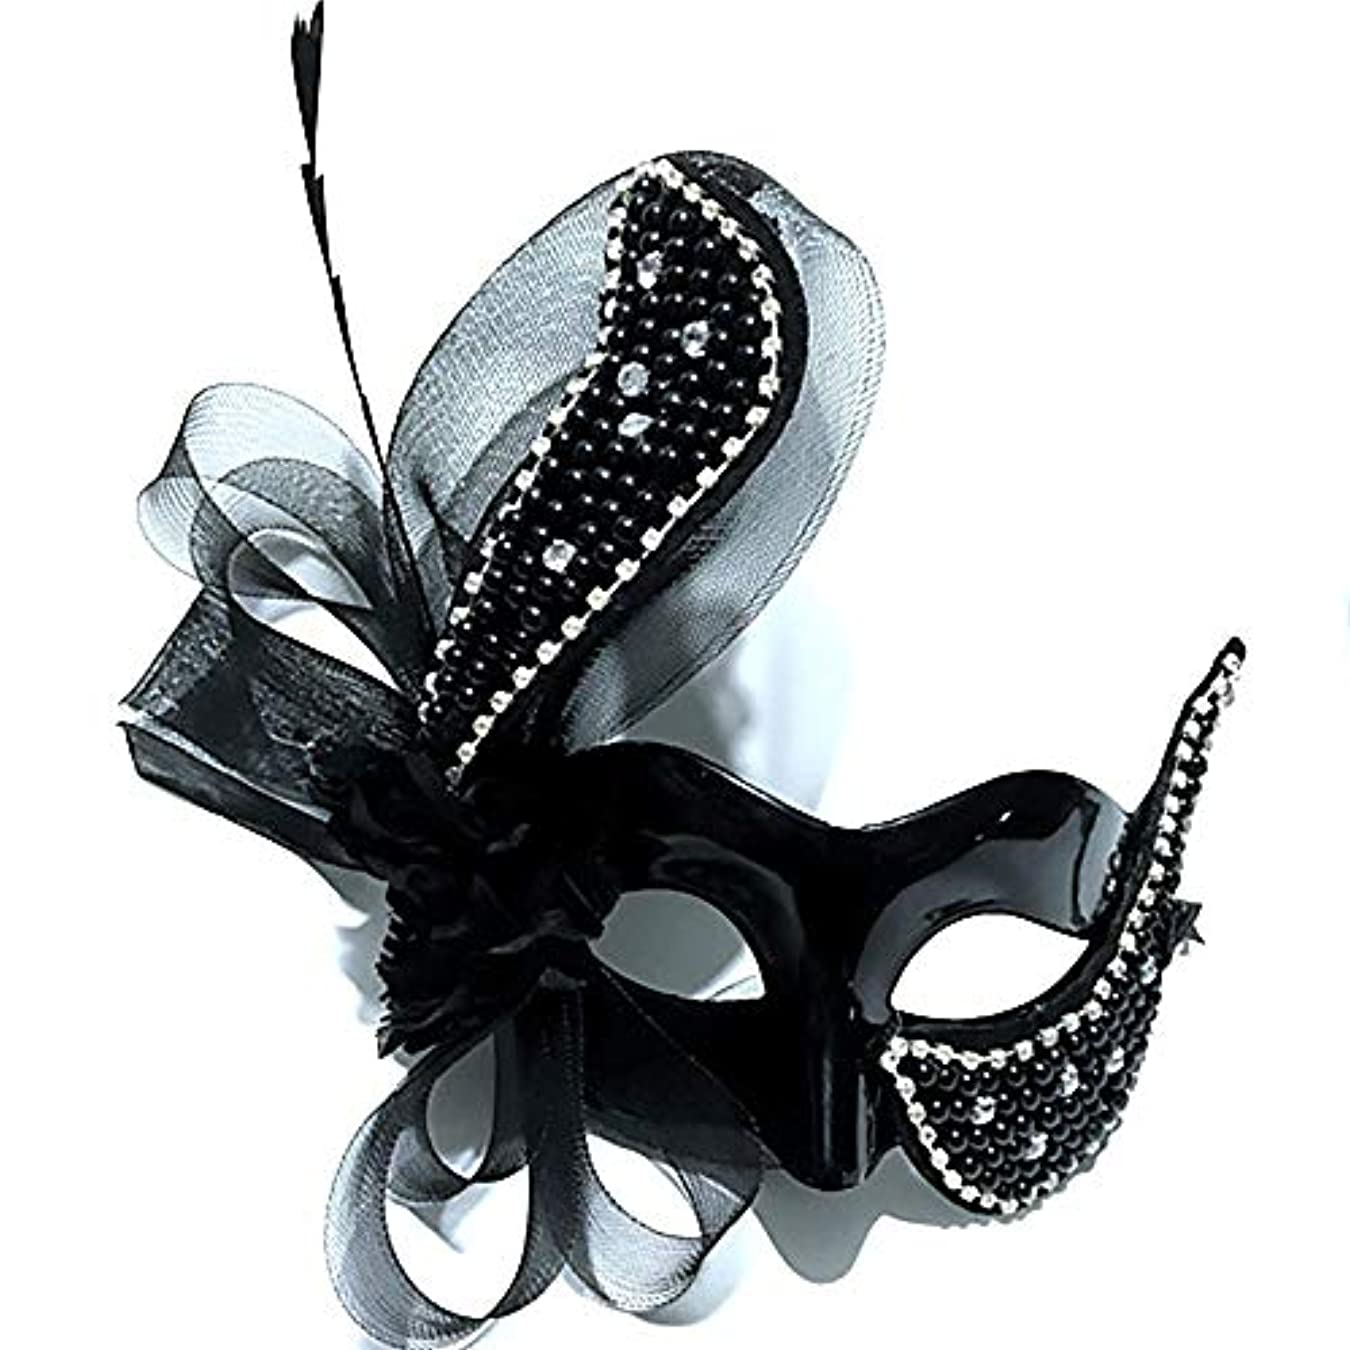 偽善者狂うラビリンスNanle ハロウィーンヴィンテージフェザーラインストーンマスク仮装マスクレディミスプリンセス美容祭パーティー装飾マスク